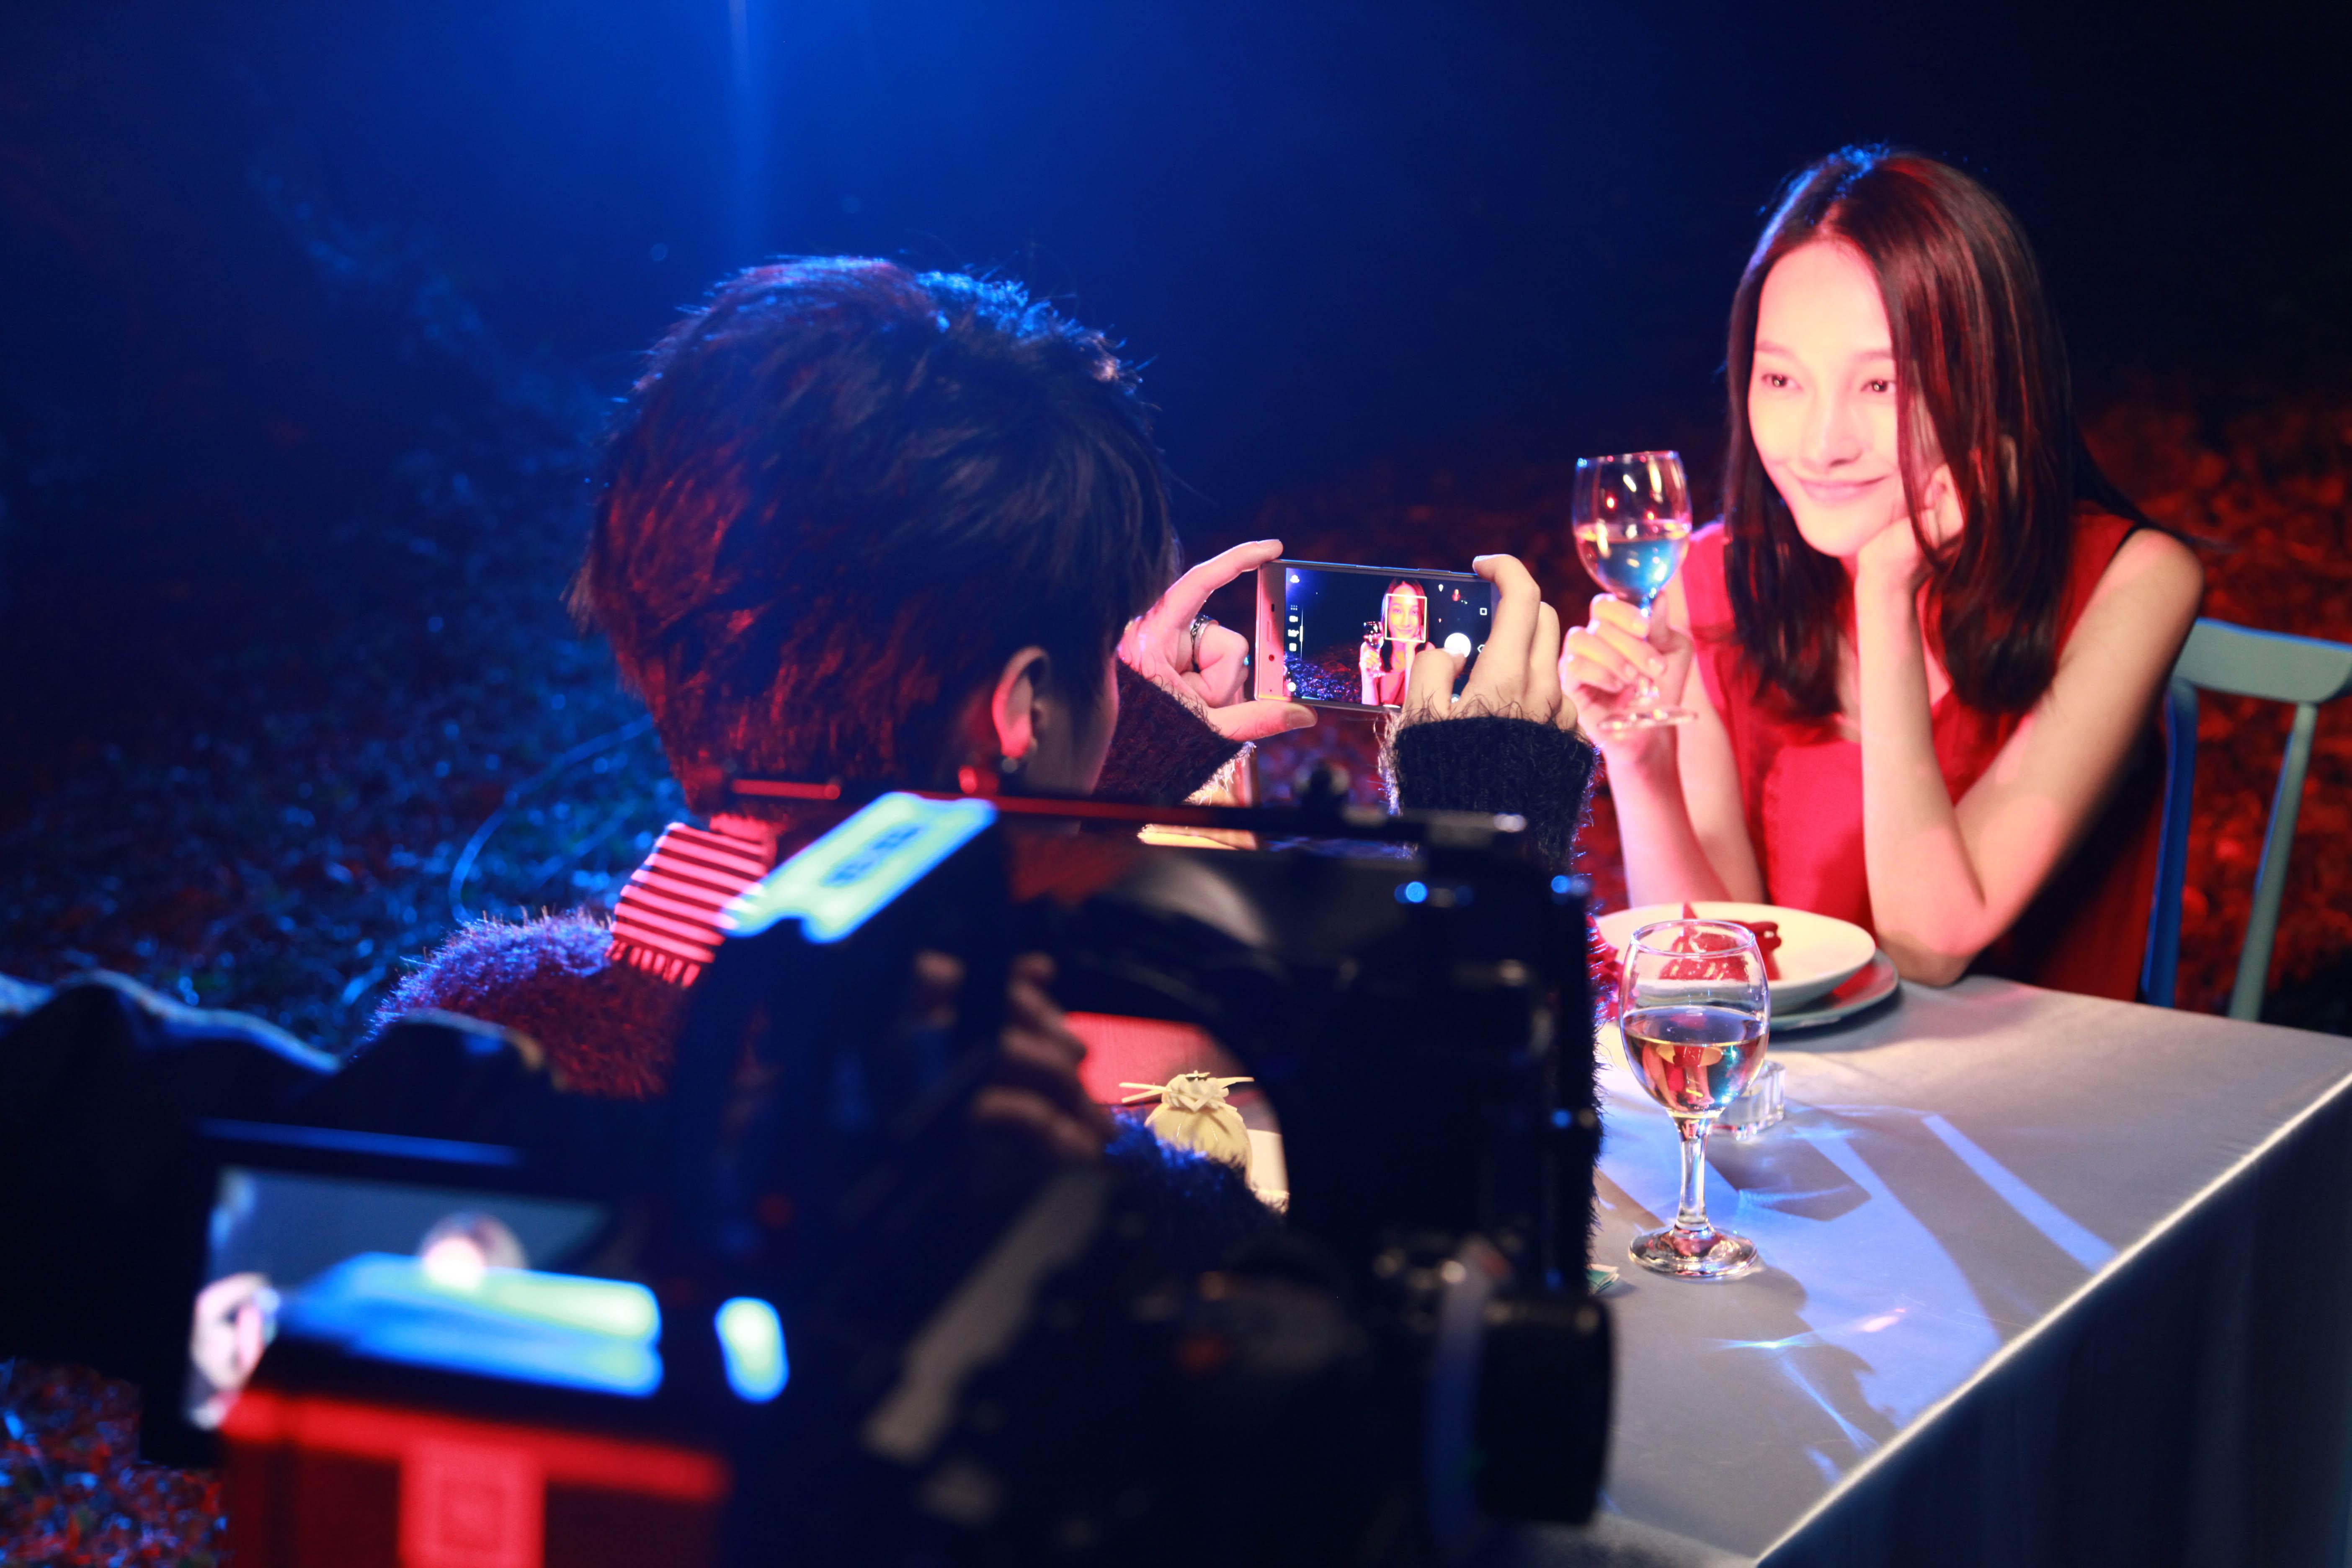 宫阁《雨噼里啪啦下》MV首发 献荧屏初吻